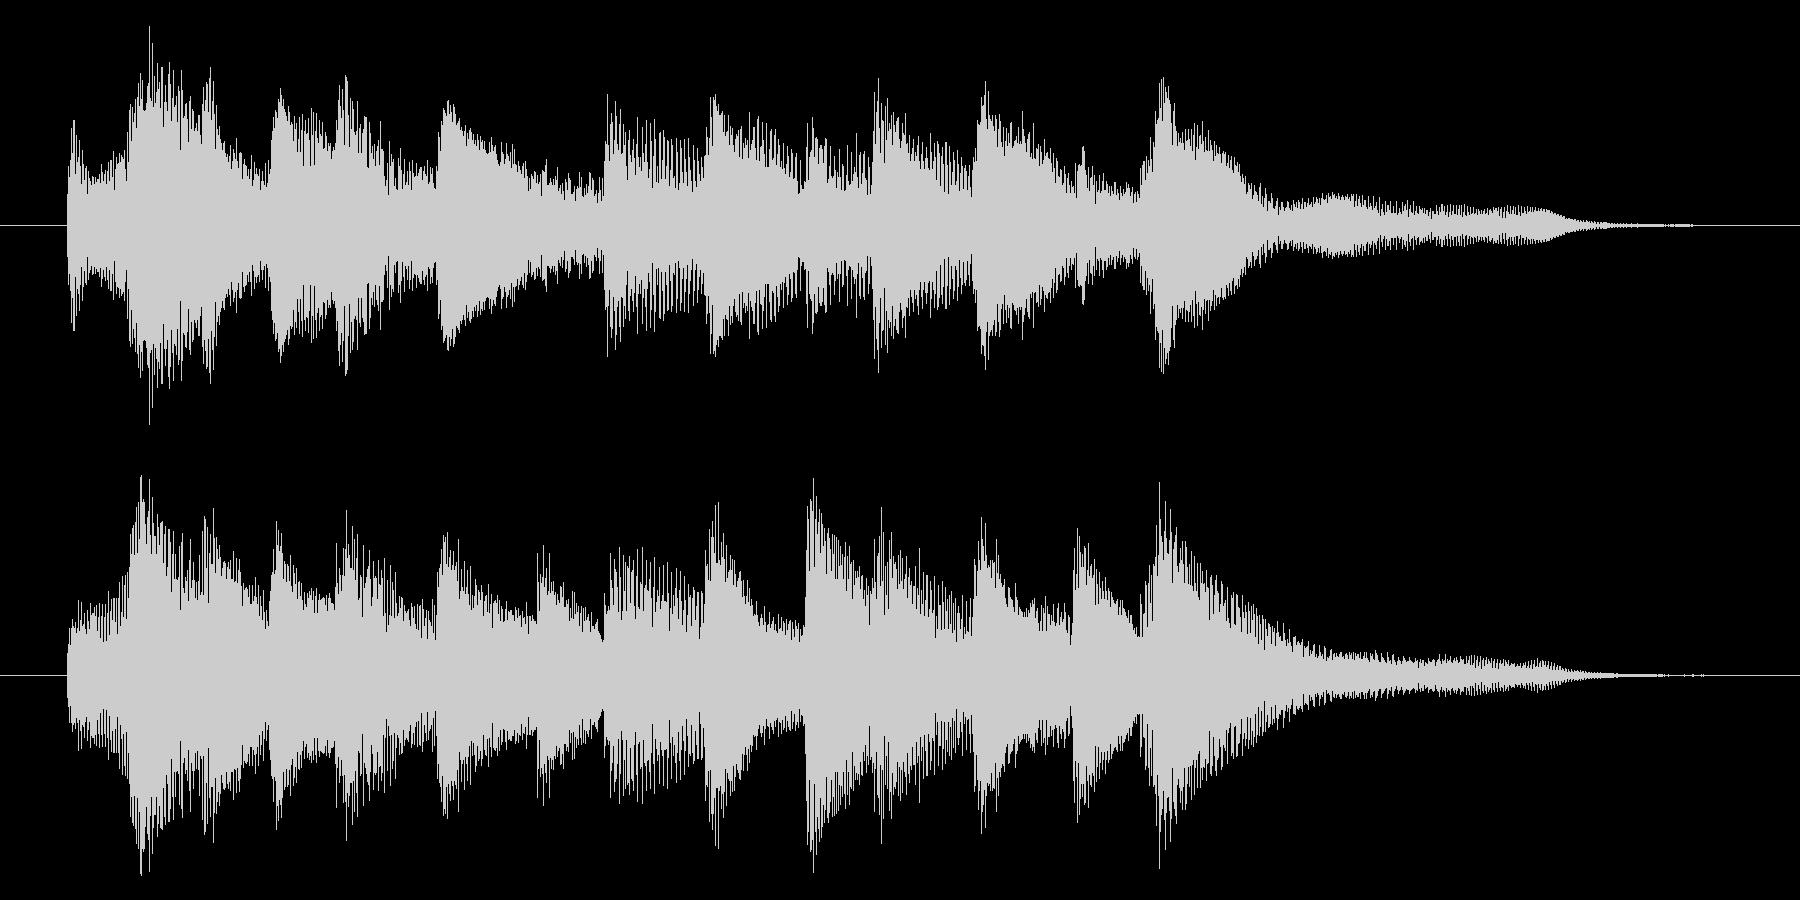 爽やかなピアノジングル 5秒の未再生の波形